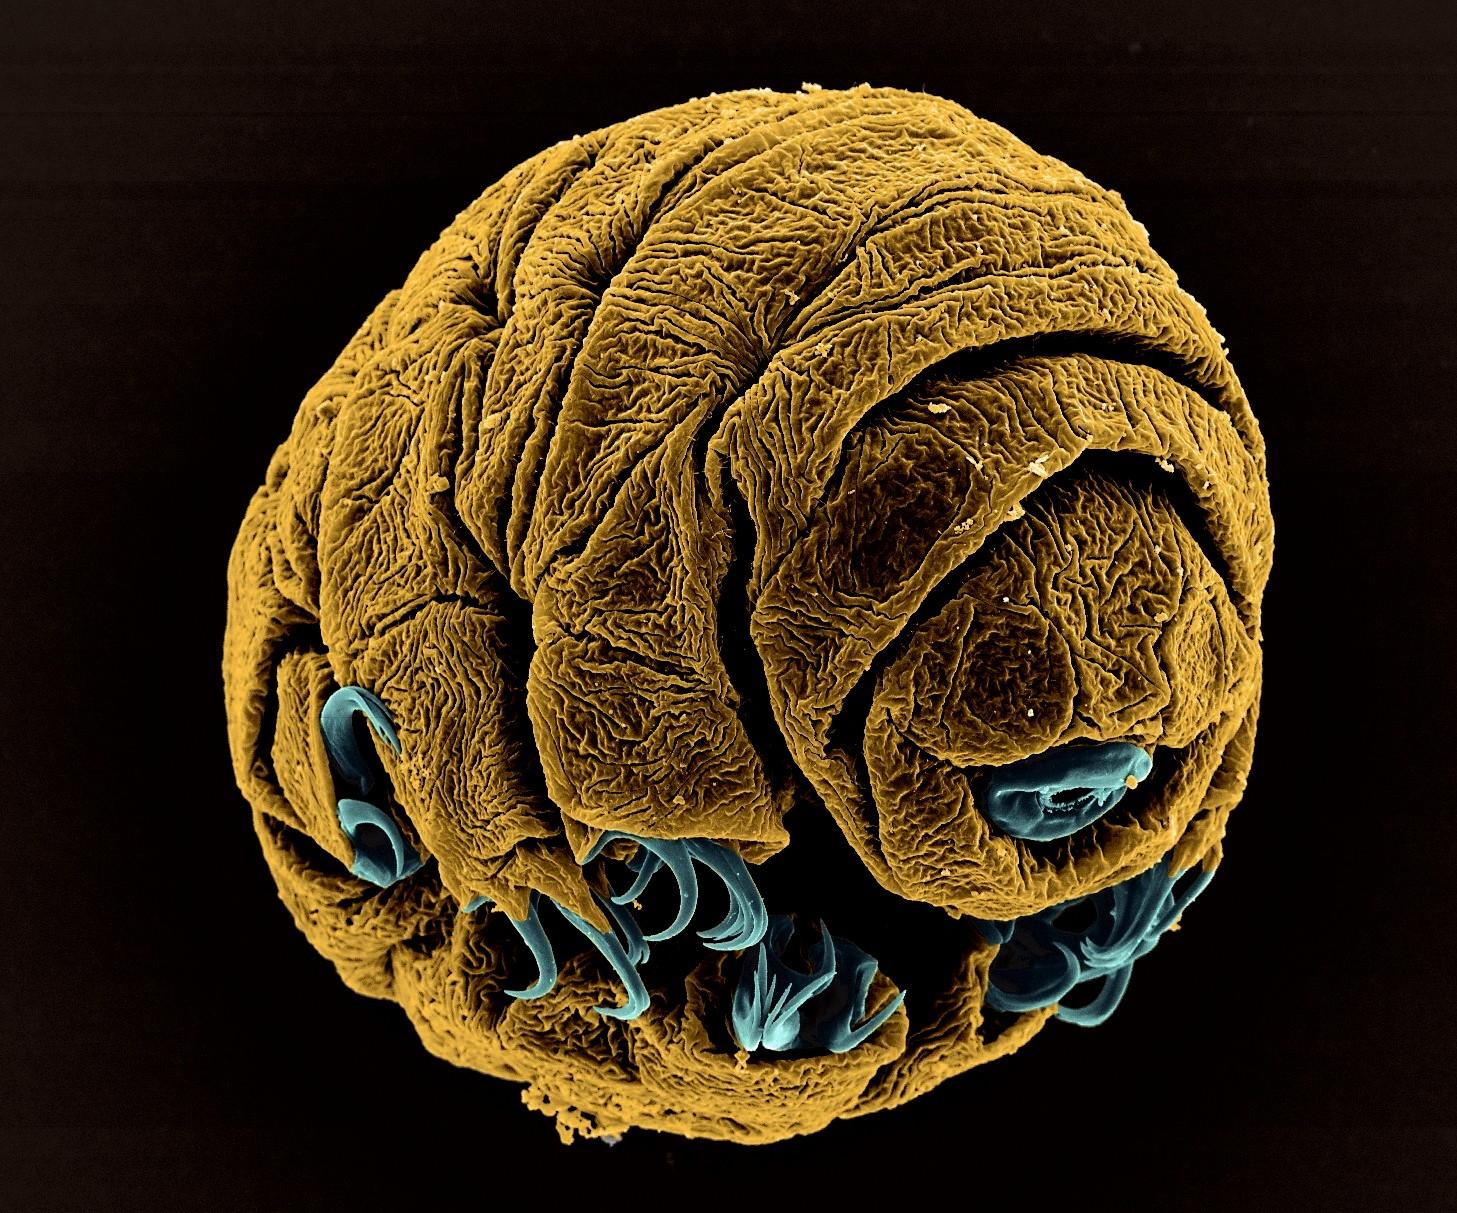 """Vice-campeão na categoria """"Microimagem"""", Vladimir Gross registrou uma tardigrada, seres microscópicos que também são conhecidos como ursos-d'água (Foto: Vladimir Gross)"""